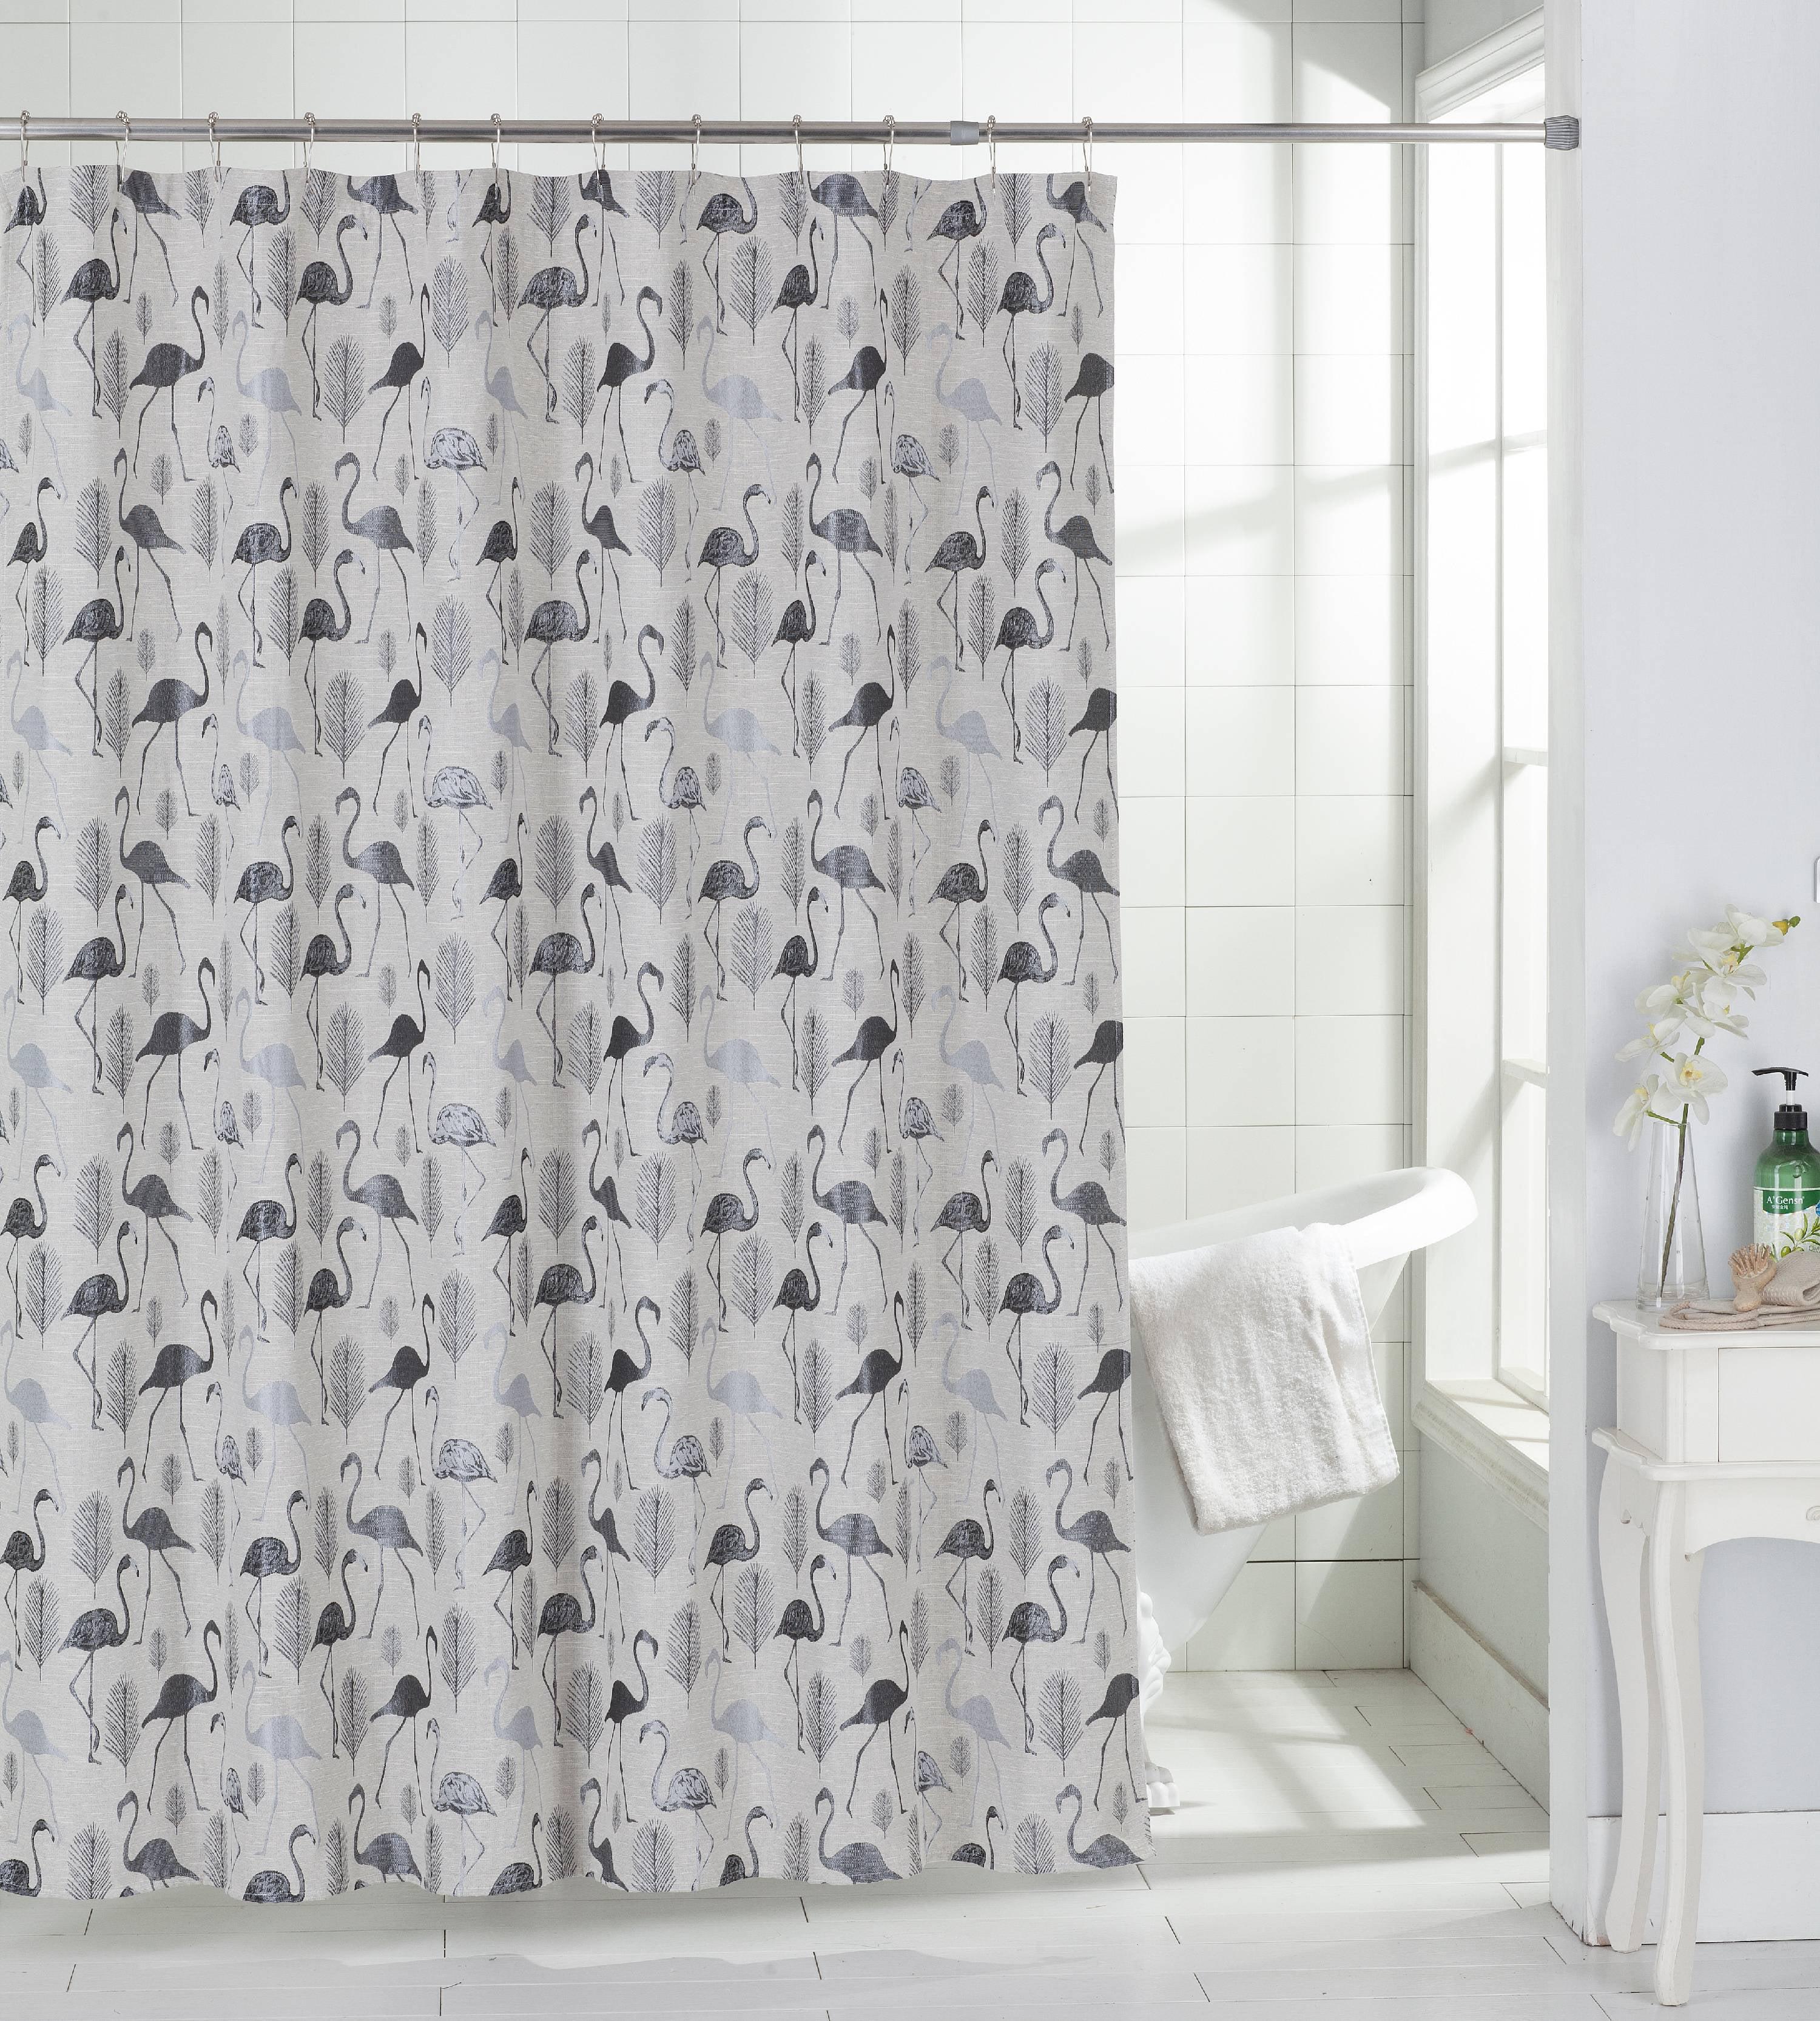 flamingo shower curtain in aqua